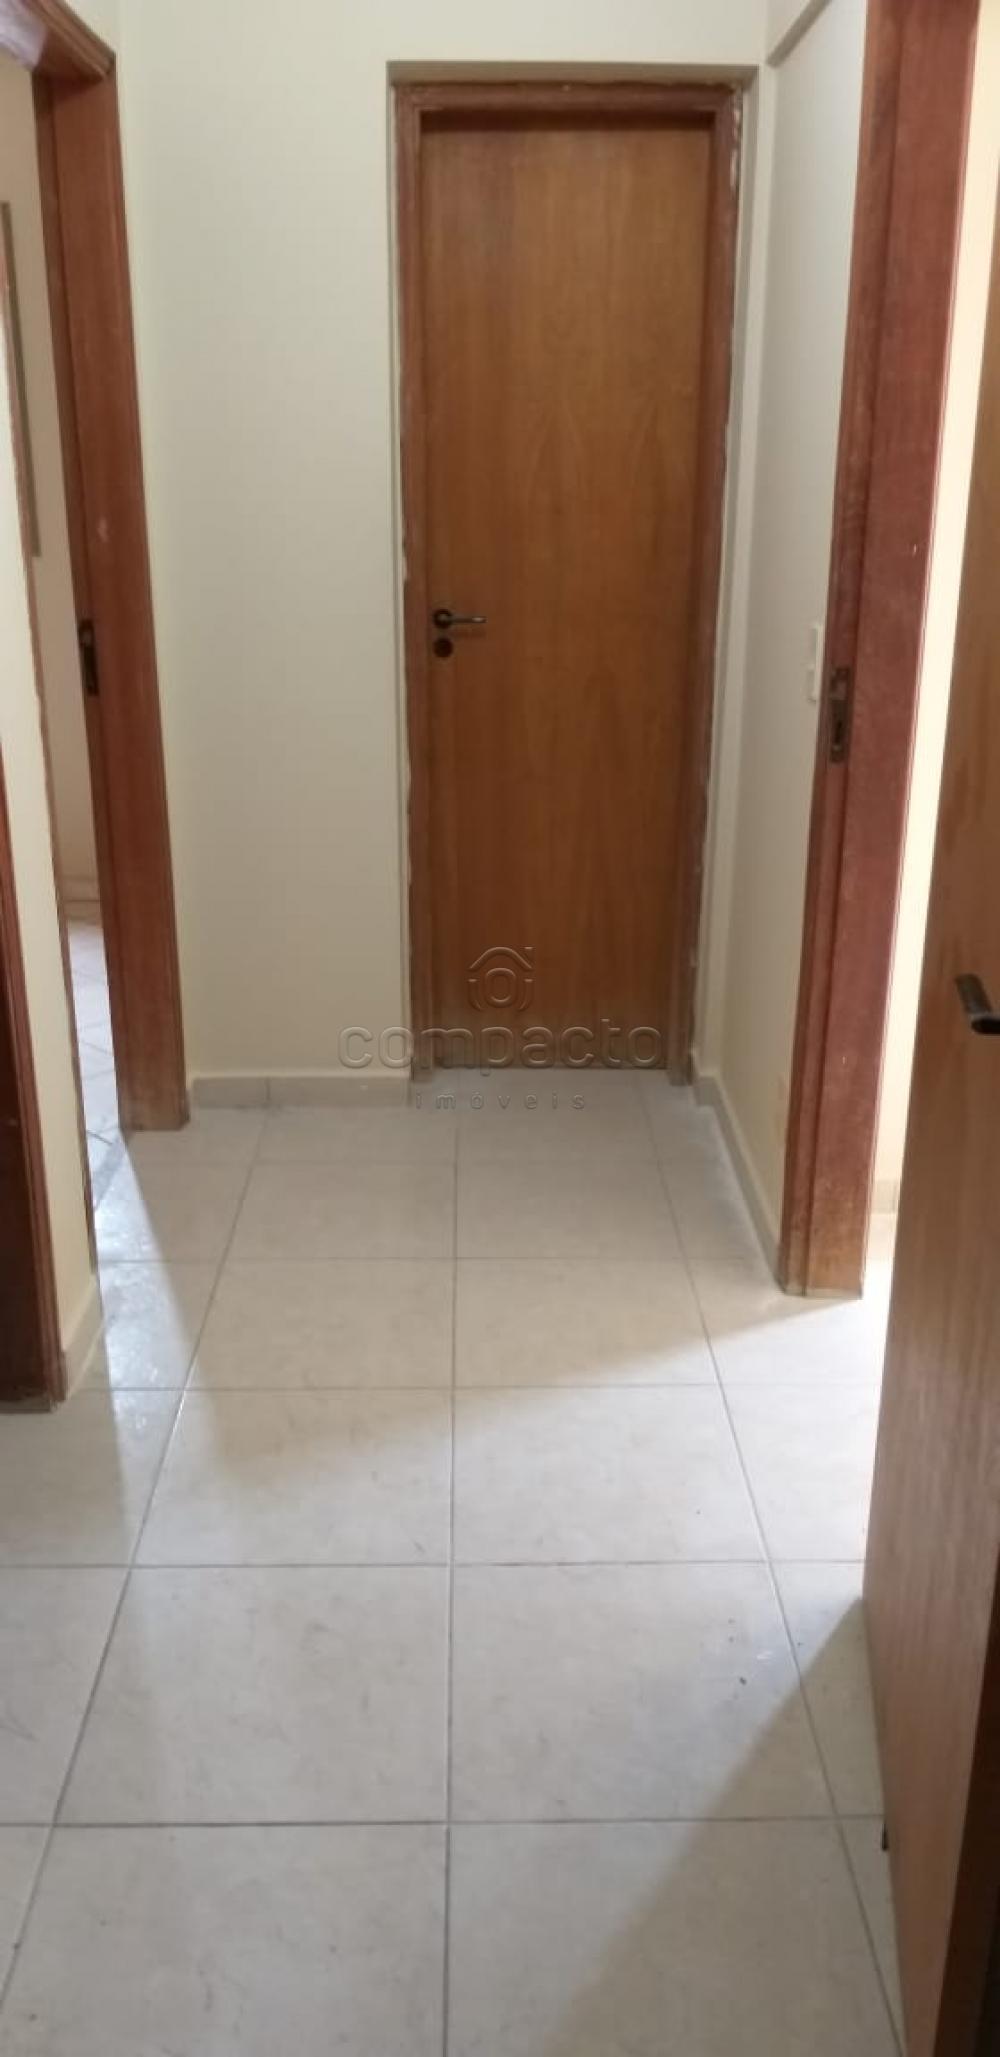 Alugar Apartamento / Padrão em São José do Rio Preto apenas R$ 1.250,00 - Foto 10